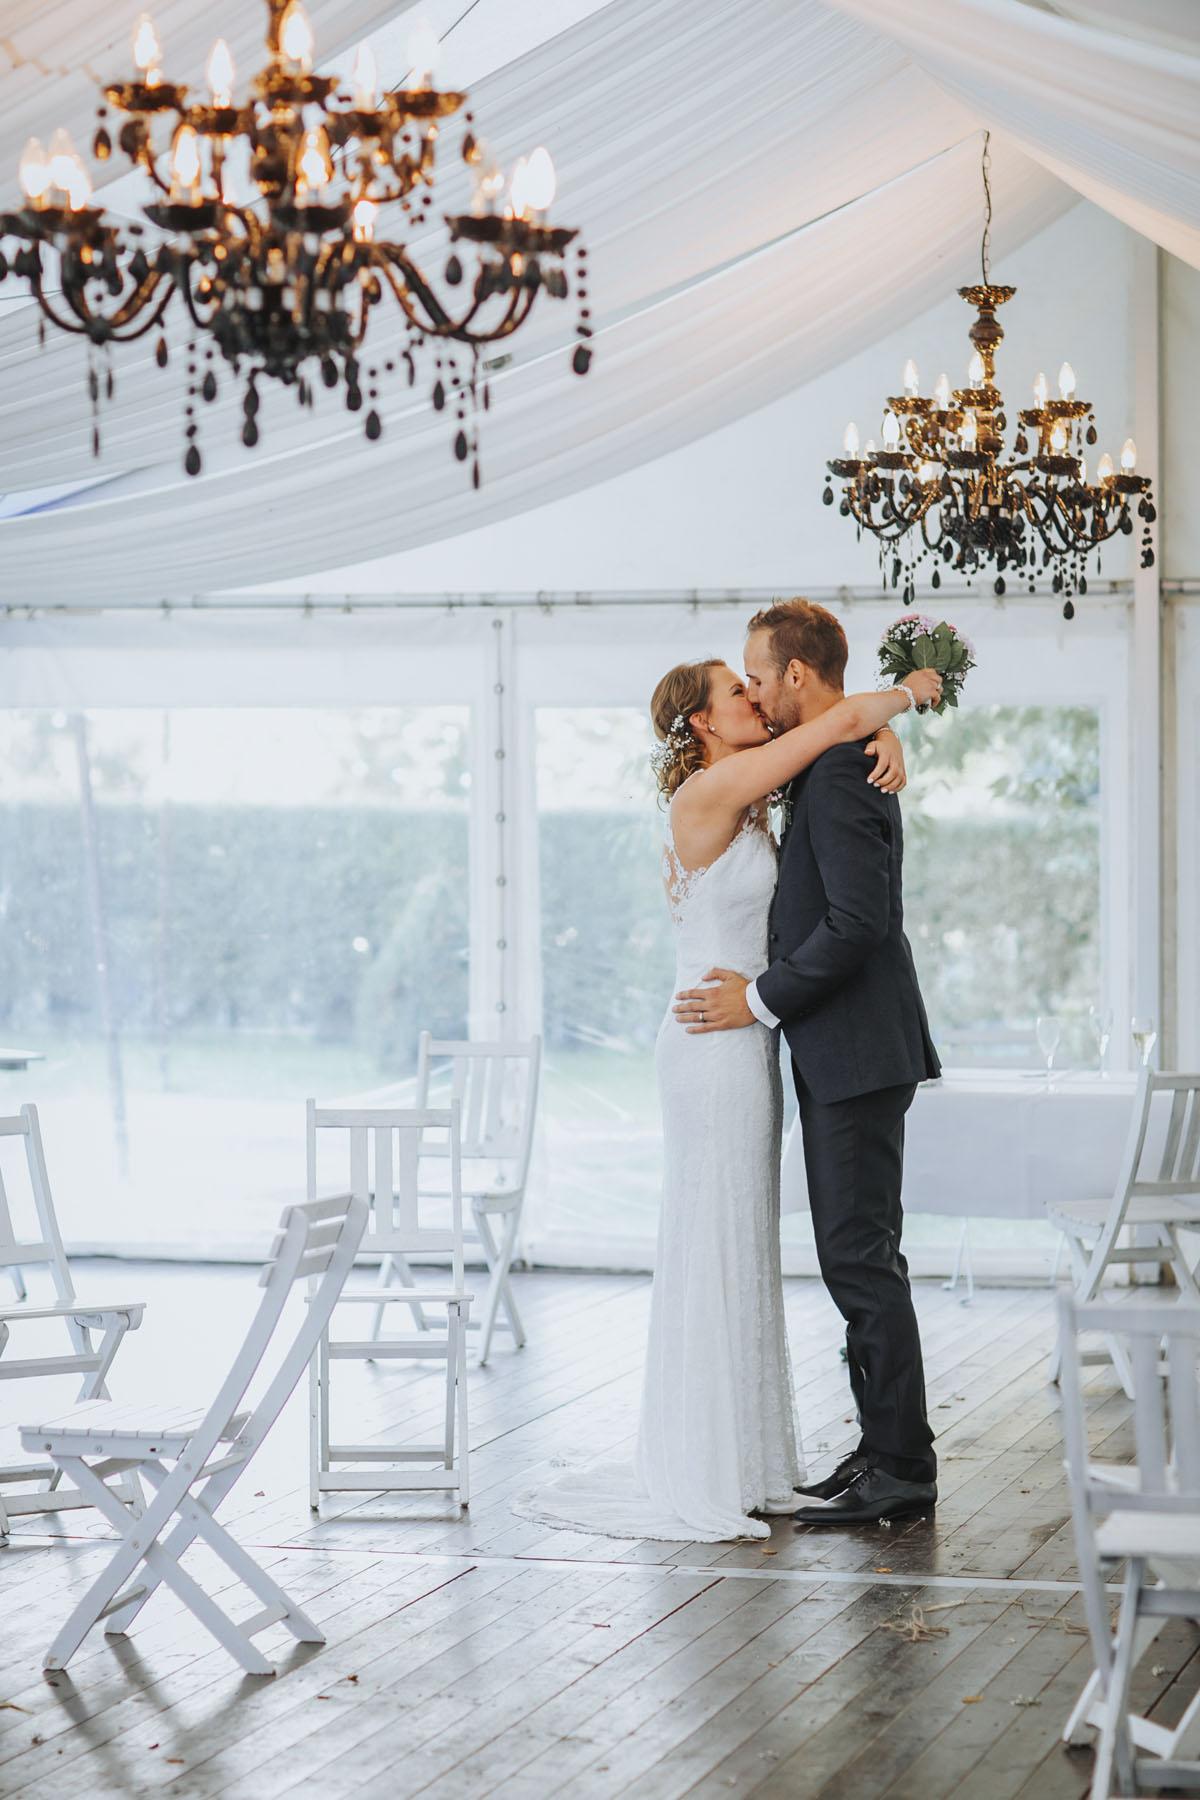 Silke + Clemens | Freie Trauung auf Gut Hohenholz - Fotografin Guelten Hamidanoglu Koeln Hochzeiten Hochzeitsfotos  309 1